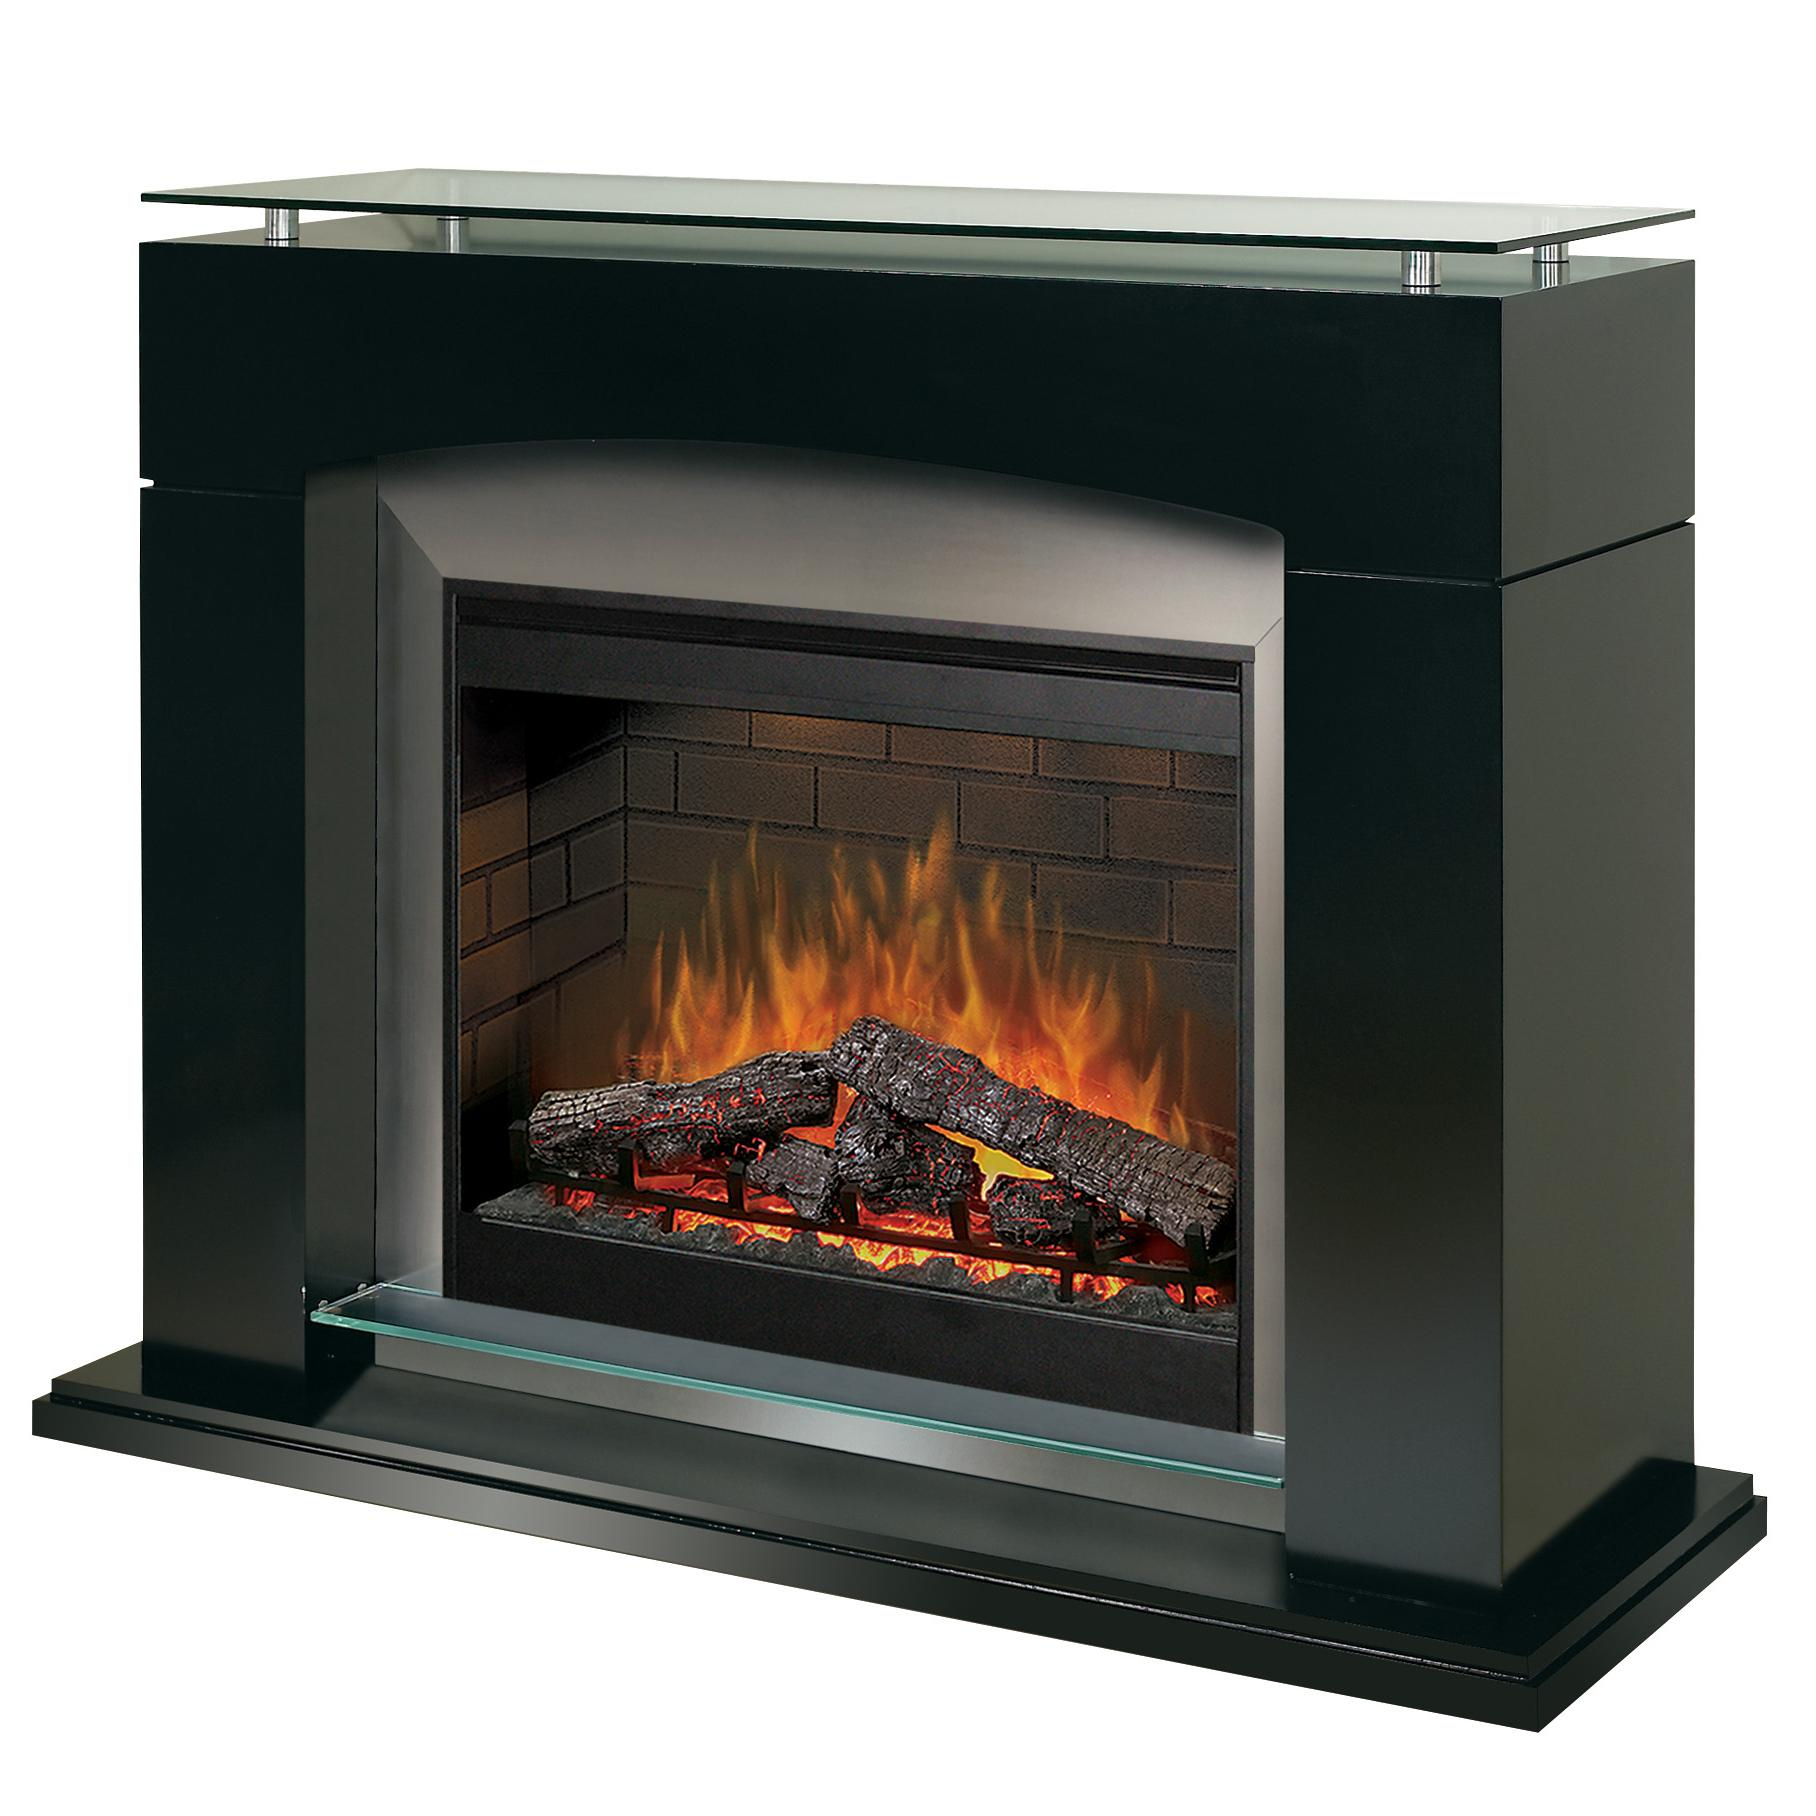 Dimplex Flat Wall Fireplaces Sop 285 B Laguna Flat Wall